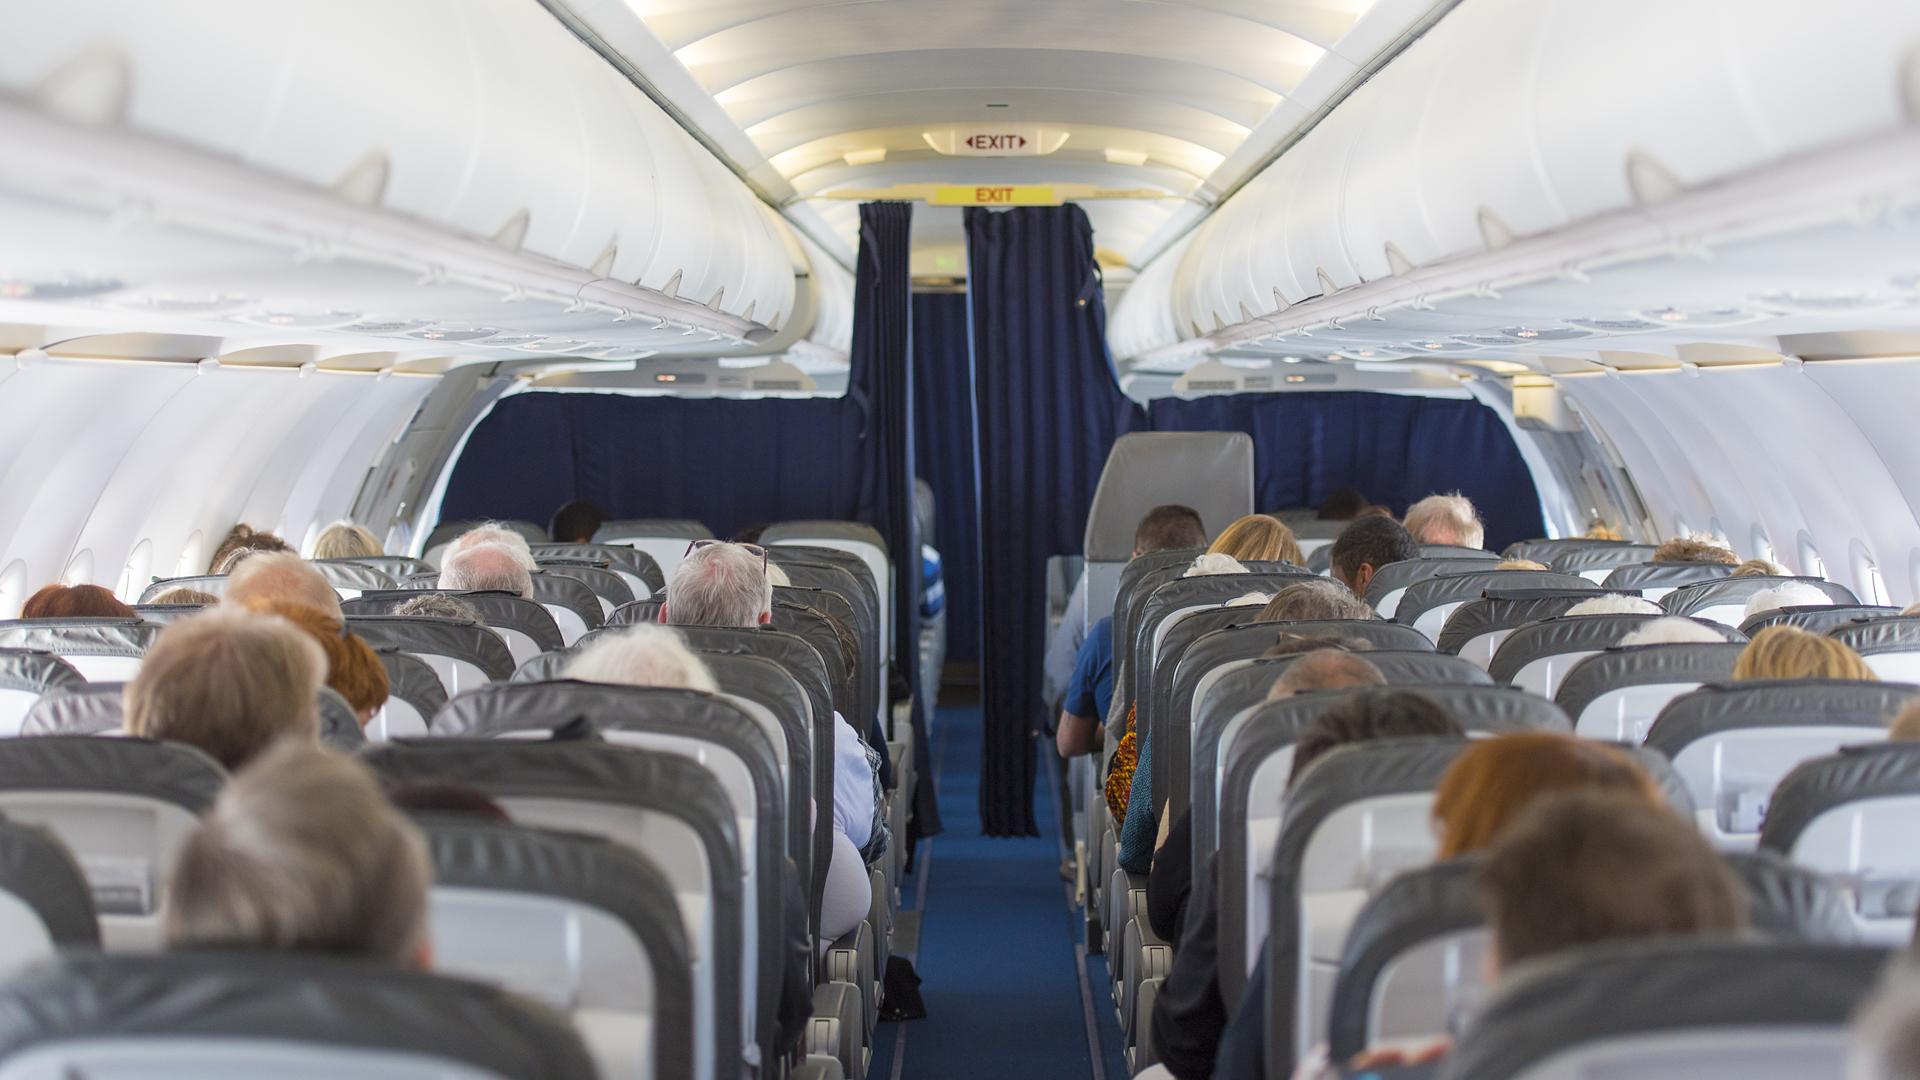 Antes de cada despegue se le informa a cada pasajero en donde están las salidas y los protocolos de seguridad (Istock)